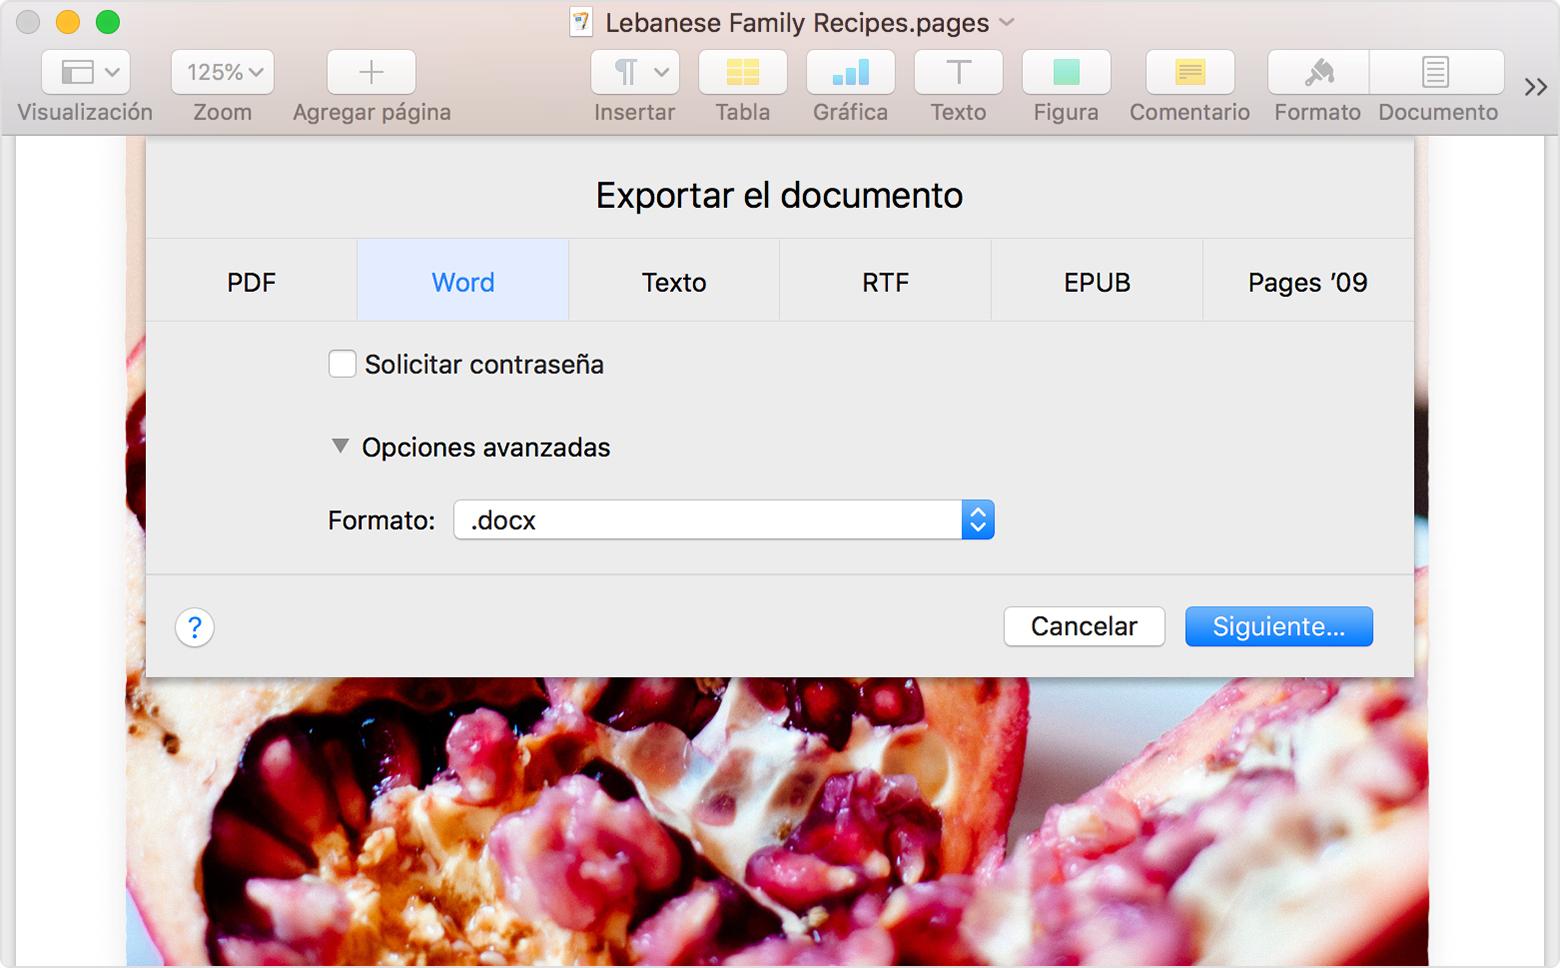 Convertir documentos de Pages a PDF, Microsoft Word y más - Soporte ...